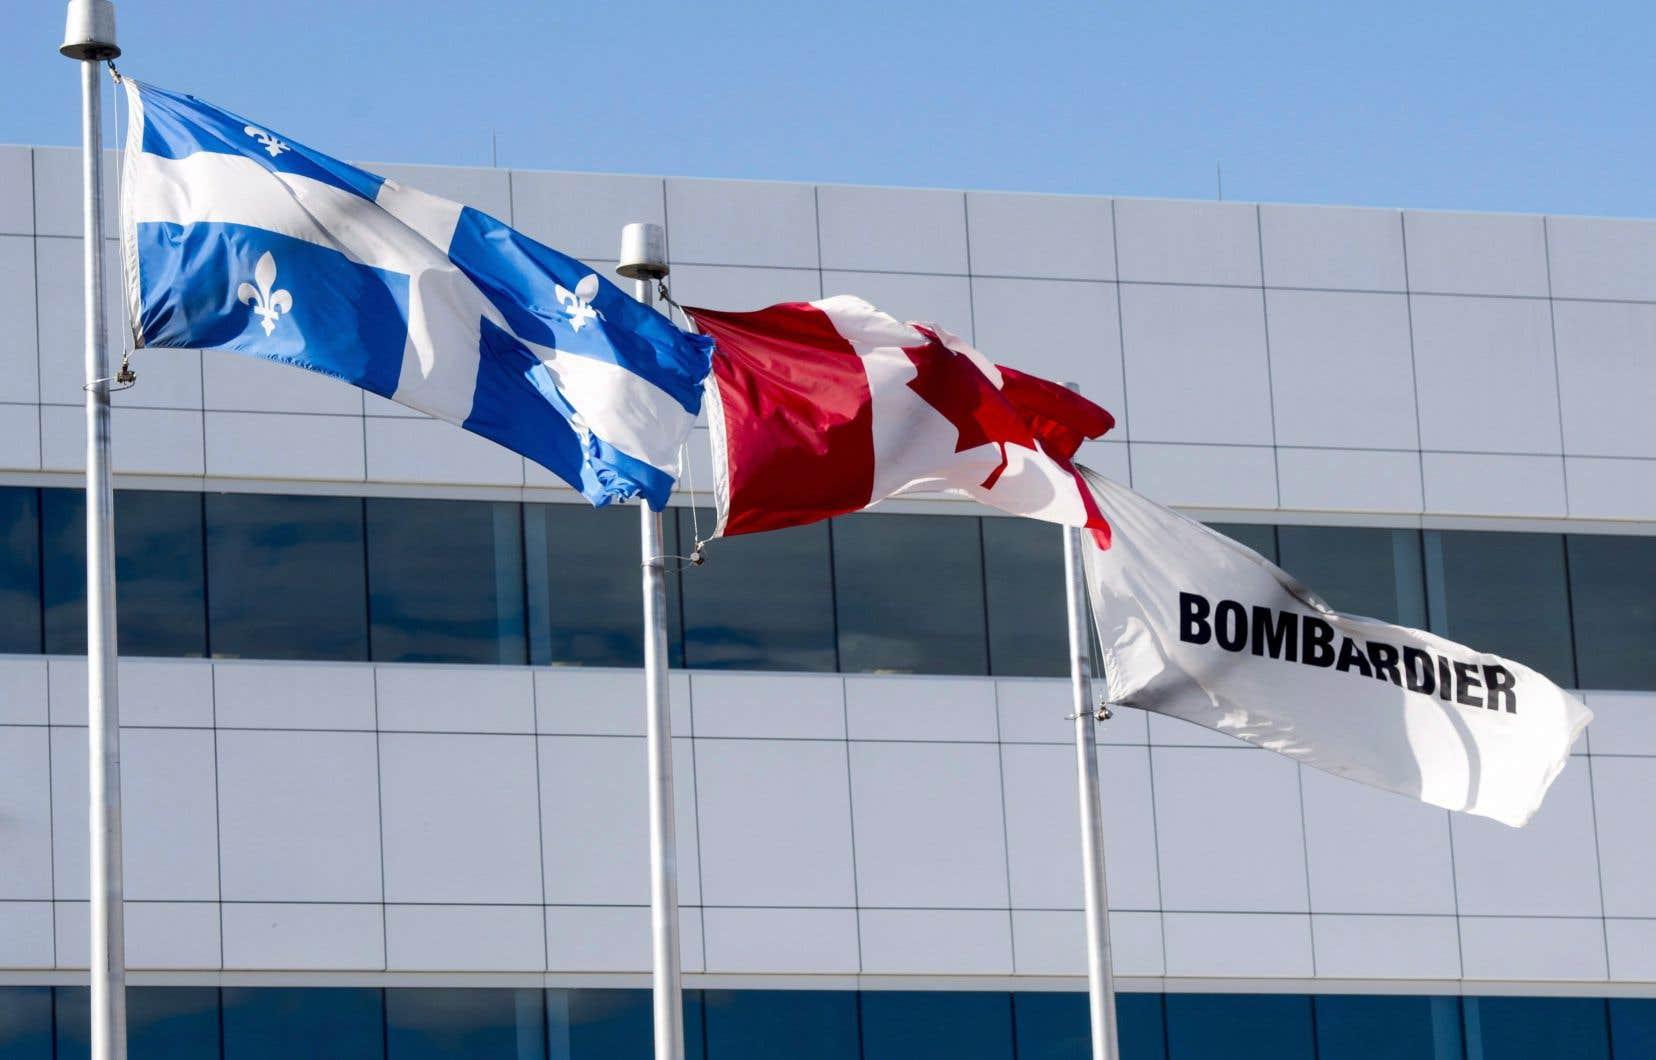 «La direction de Bombardier a prouvé son incapacité à redresser la situation», affirme Daniel Leduc.